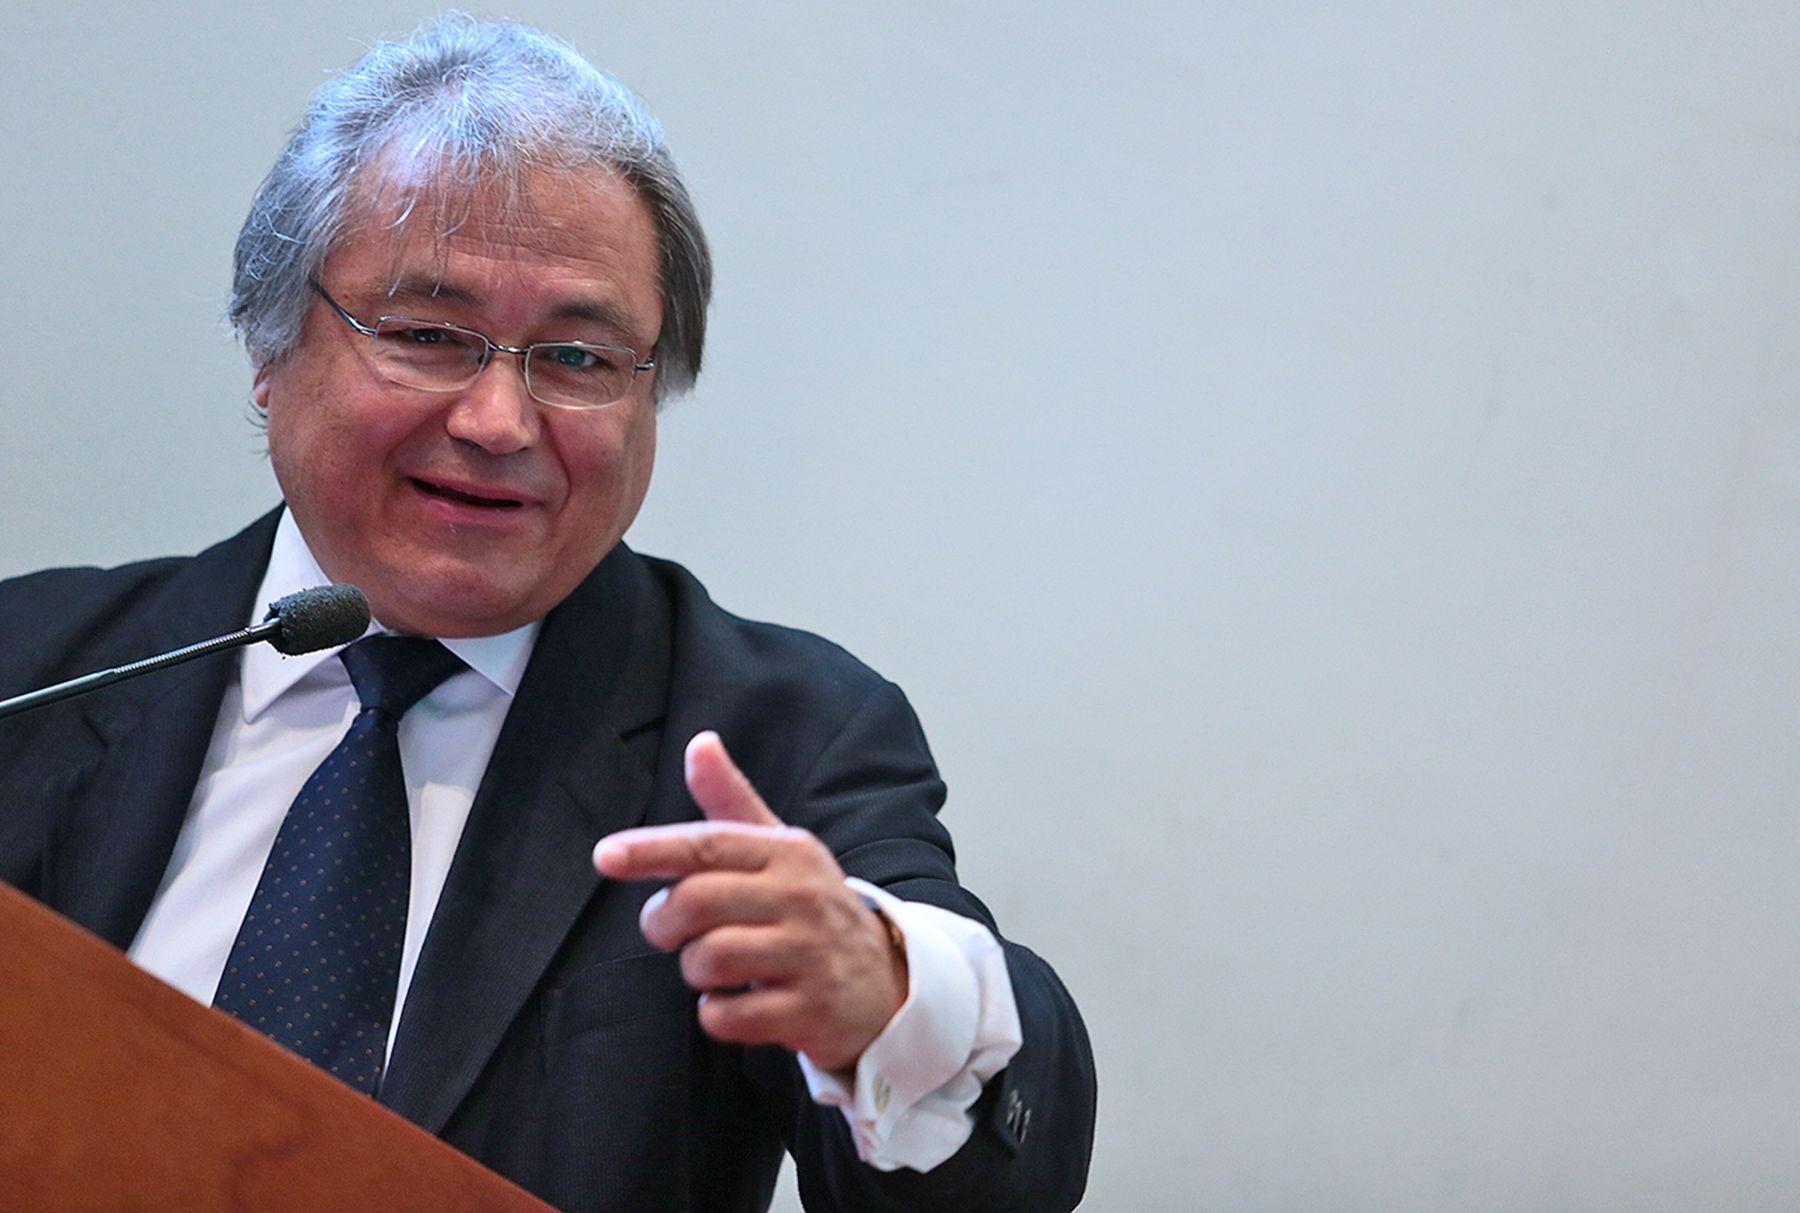 Ministro alb n gabinete tiene un rol t cnico y pol tico for Gabinete del ministro del interior